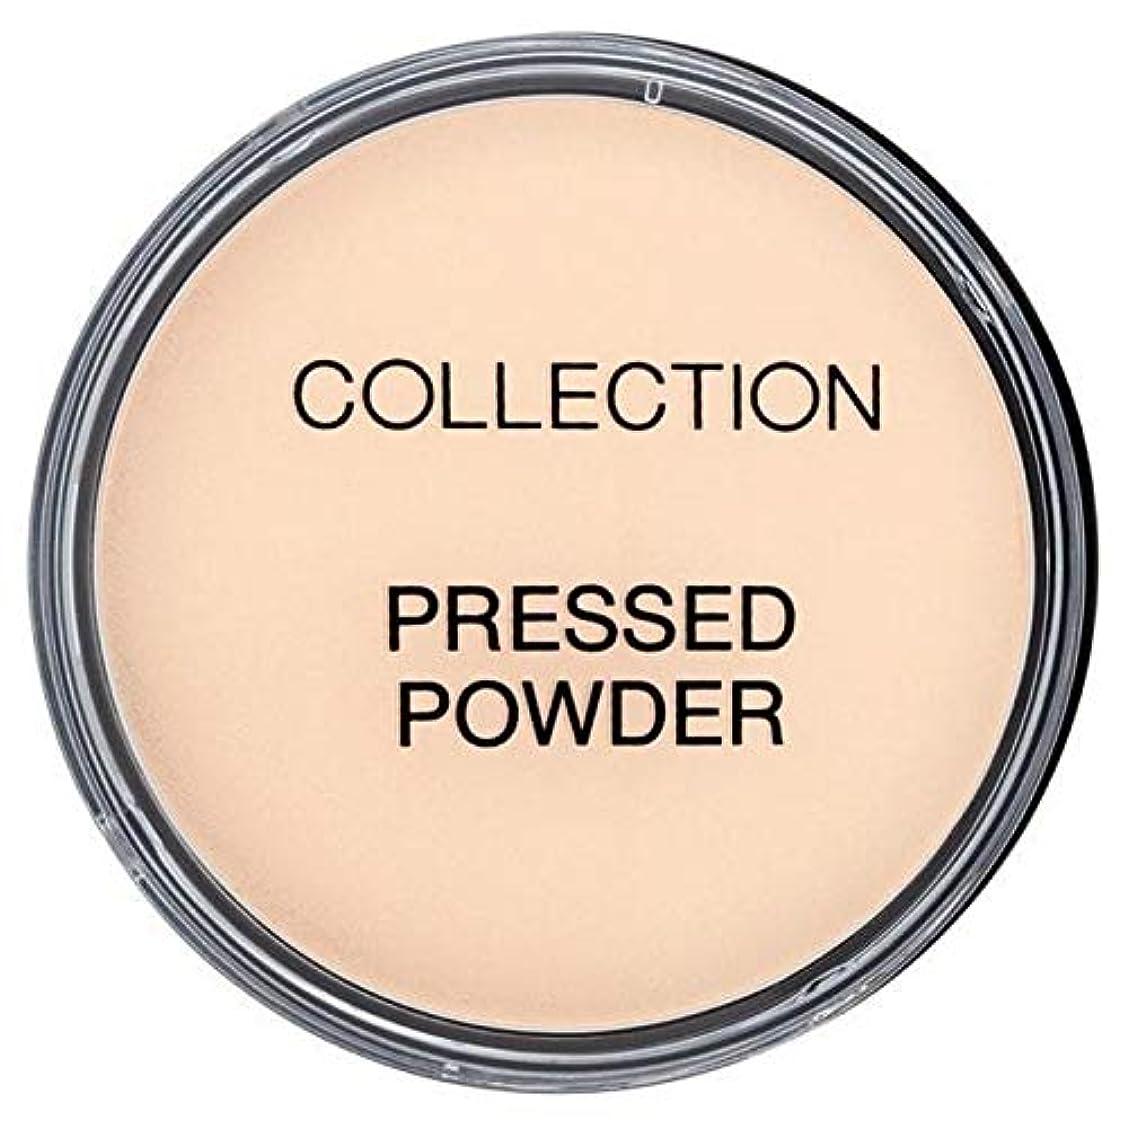 リフレッシュ初期のペンス[Collection ] コレクションは、粉末17グラムのろうそく1を押します - Collection Pressed Powder 17g Candlelight 1 [並行輸入品]